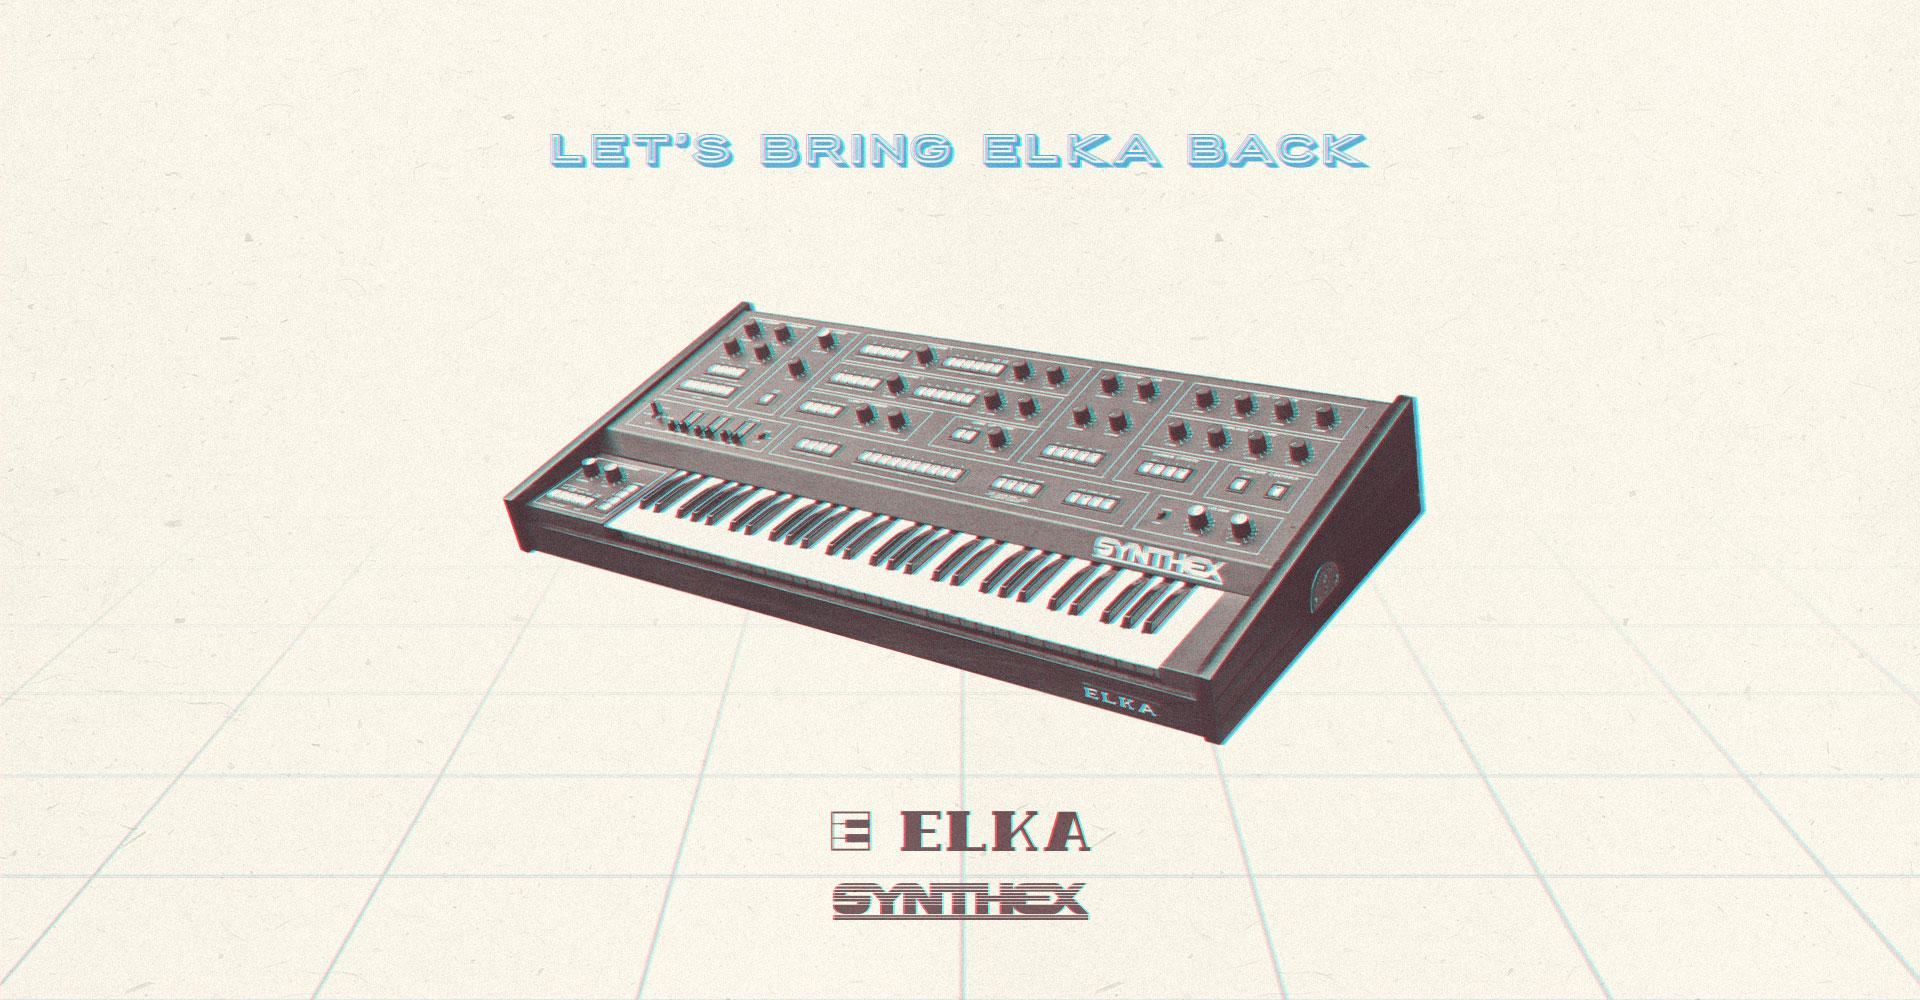 elka-synthex-hero-1.jpg